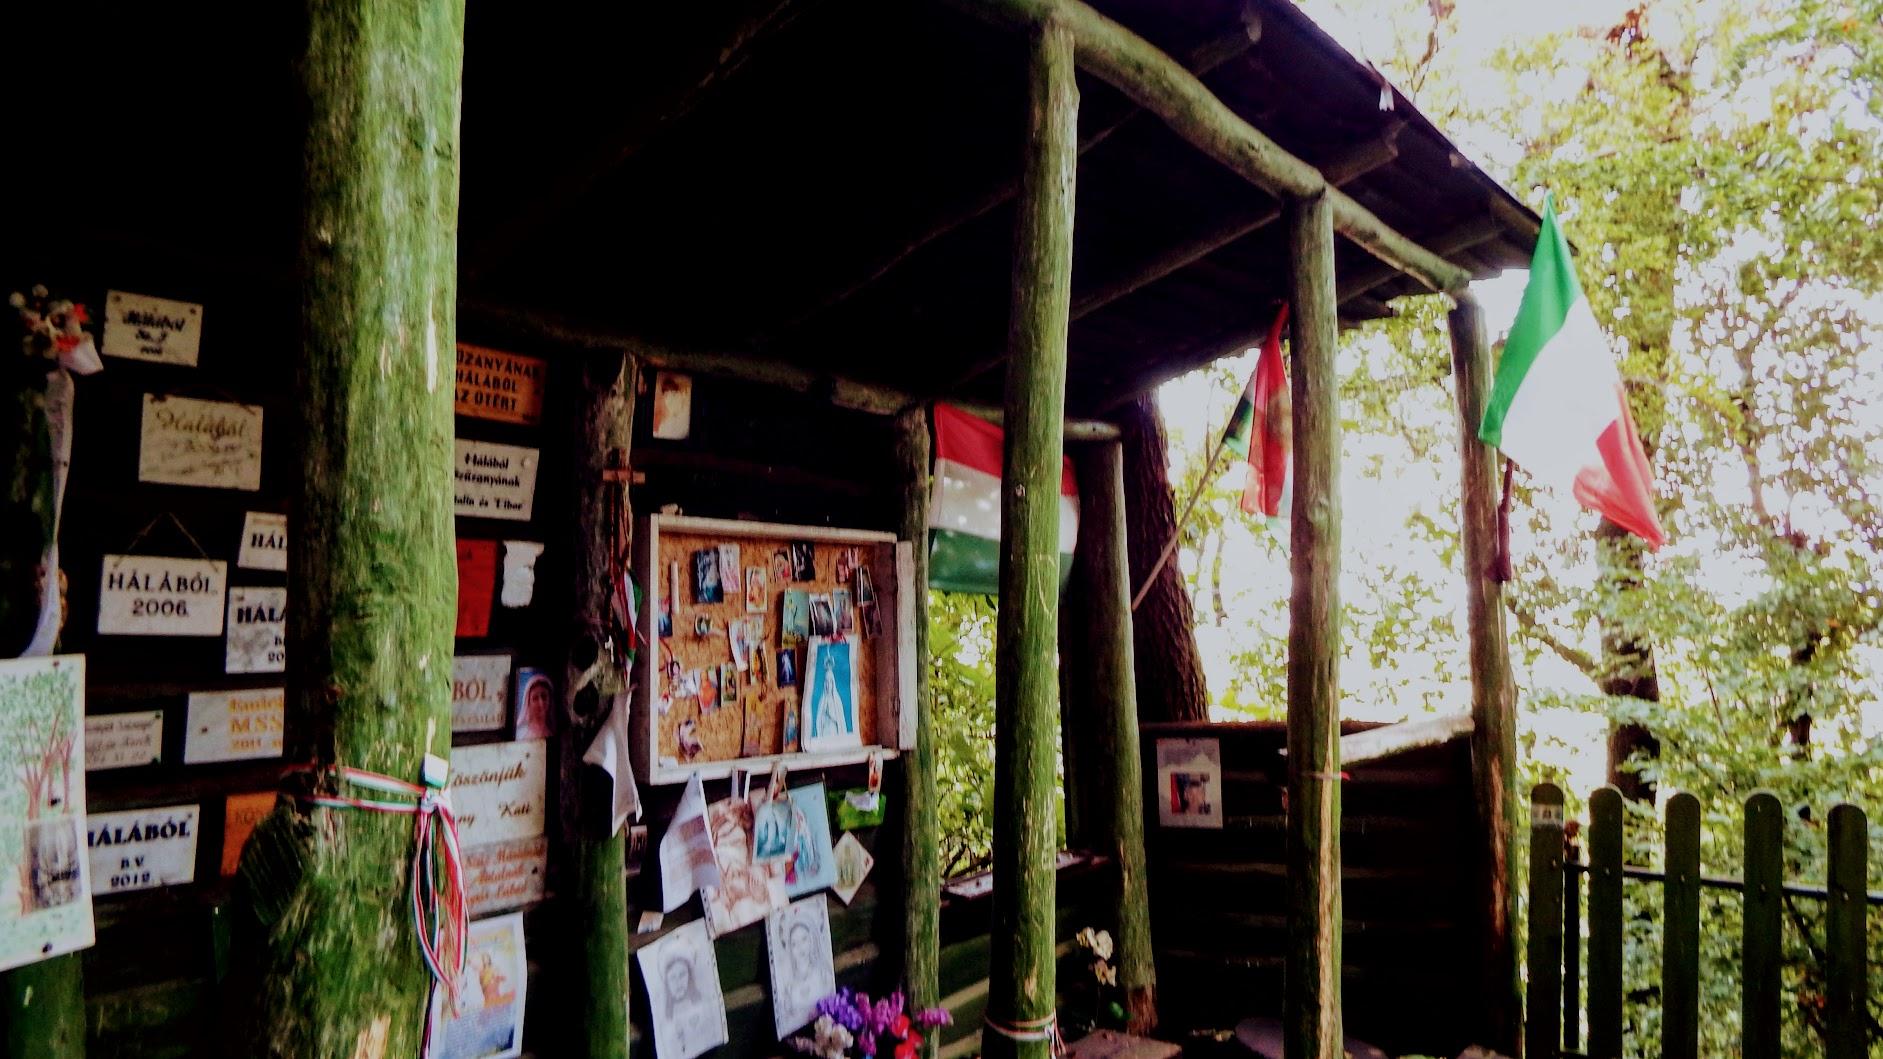 Pilisszentkereszt - Siketnémák Mária kegyhelye Dobogókőn